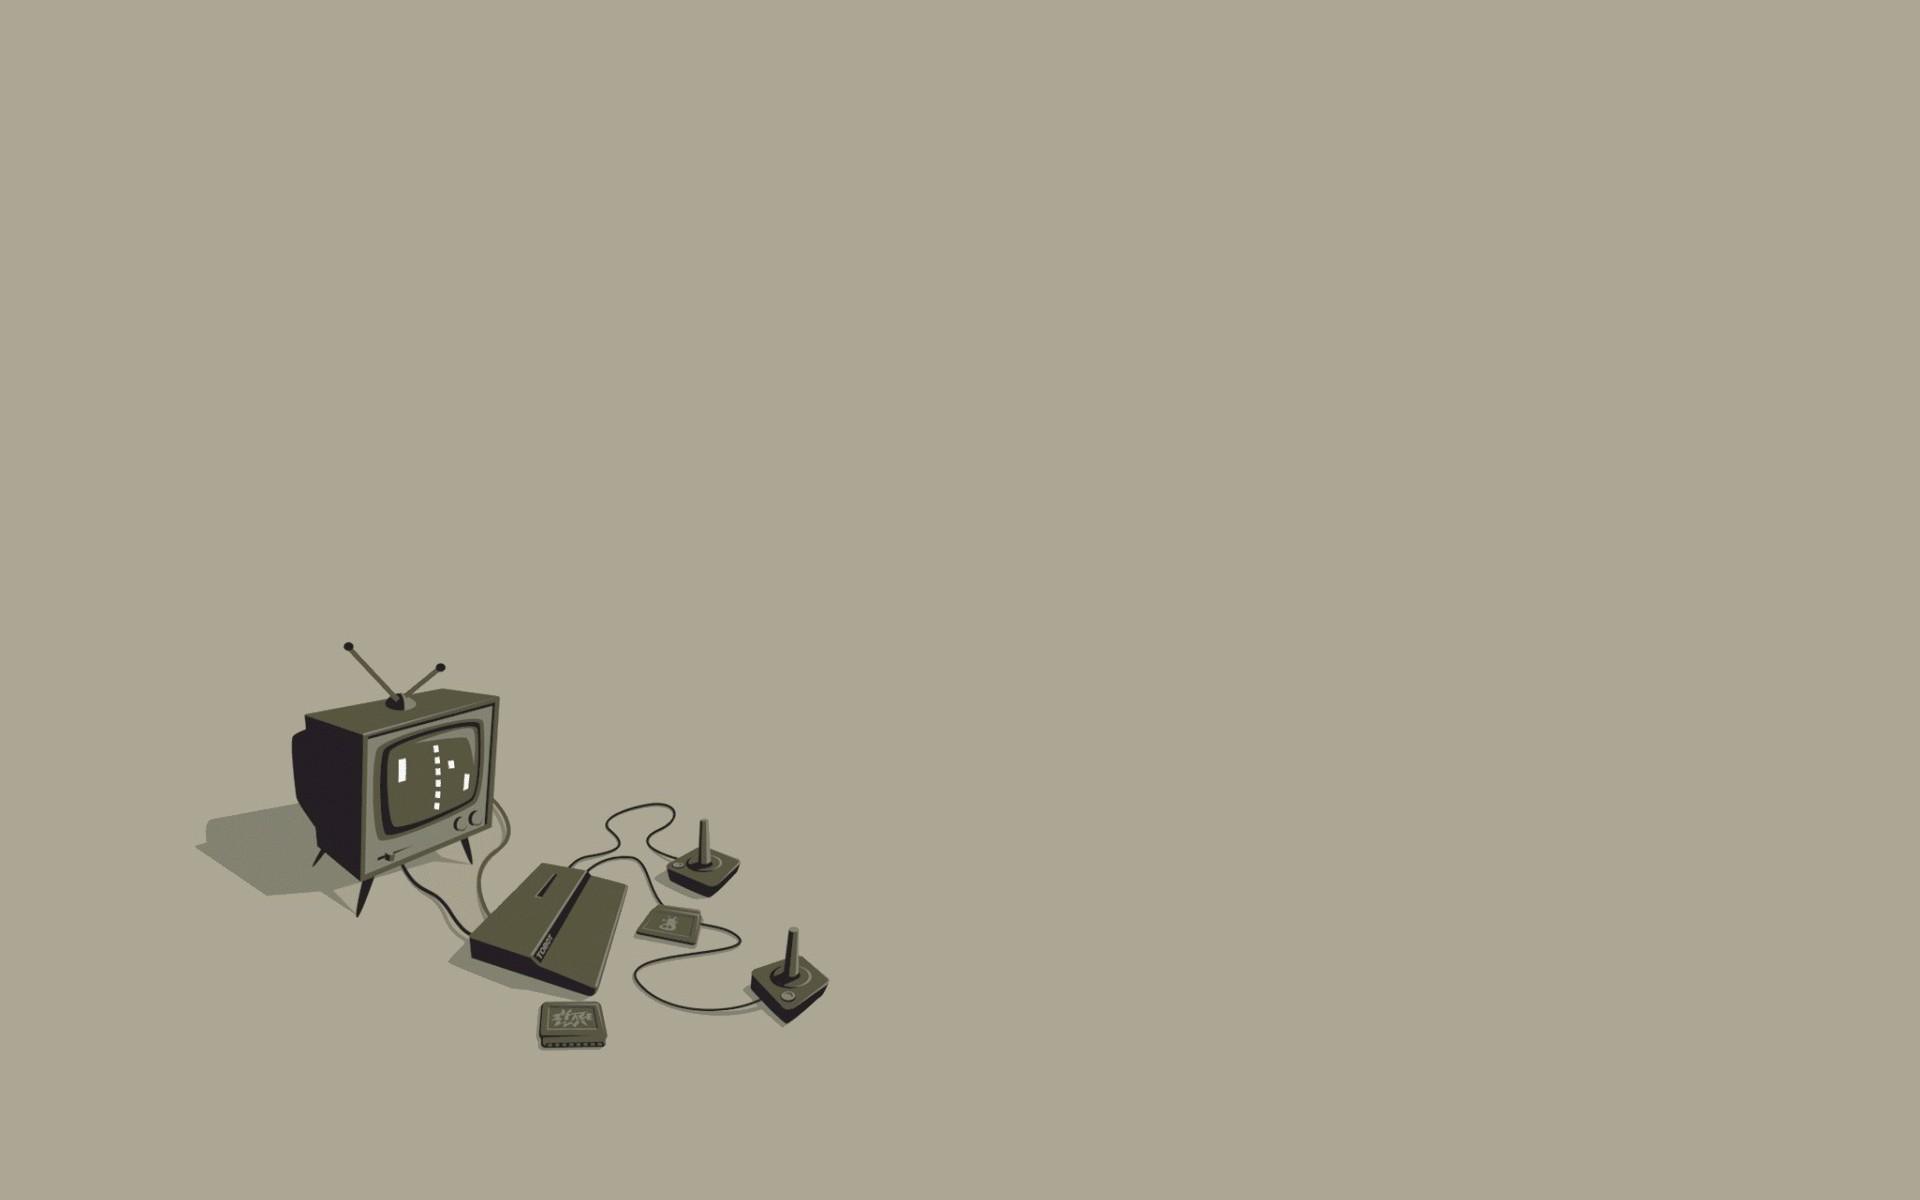 … video games atari minimalism retro games wallpapers hd …